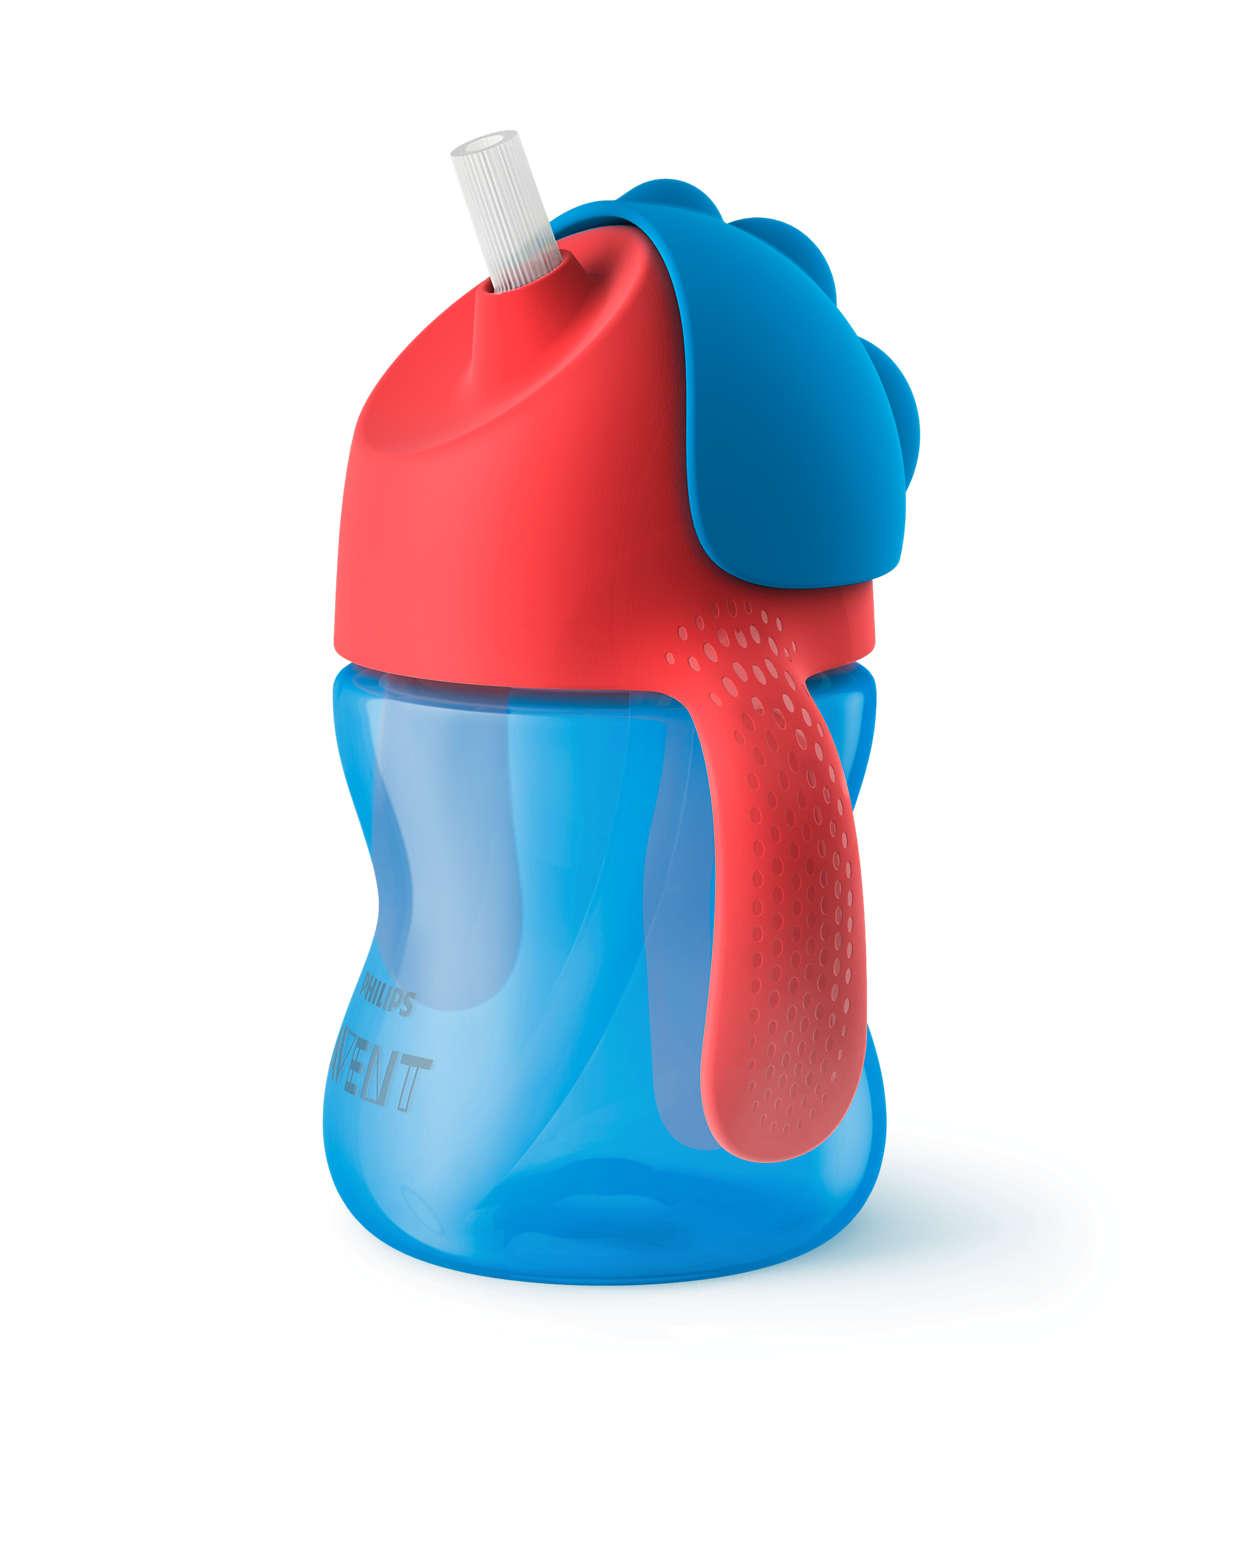 Sudaro sąlygas sveikam burnos vystymuisi*